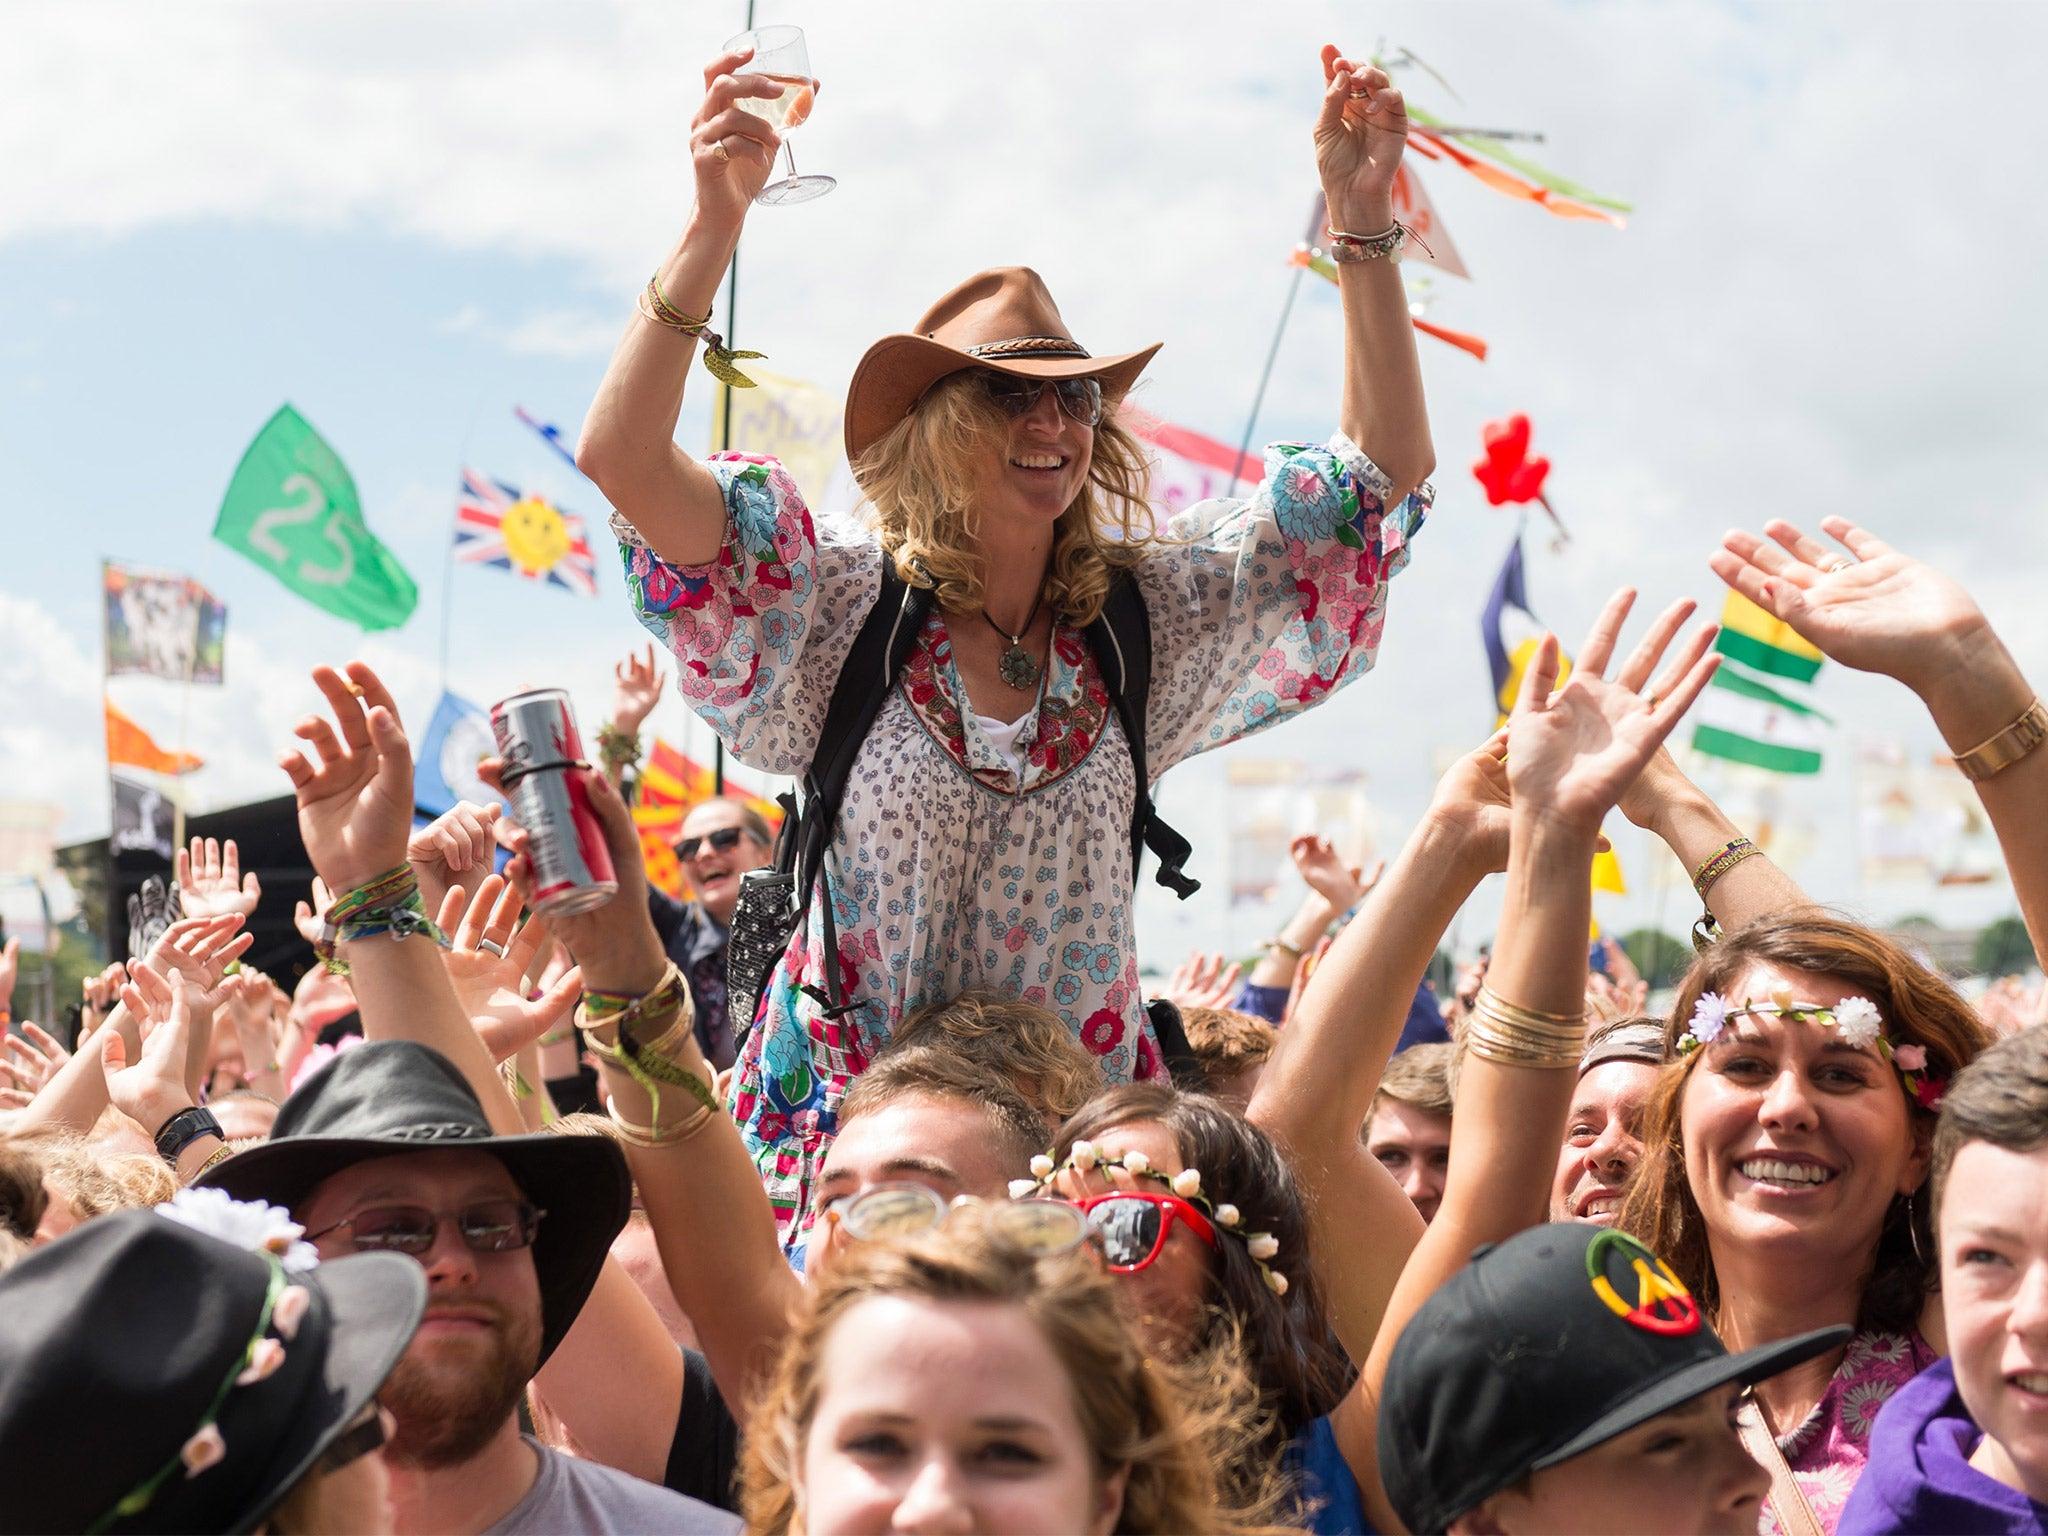 Glastonbury Headliners 2016 Emily Eavis Says Acts For